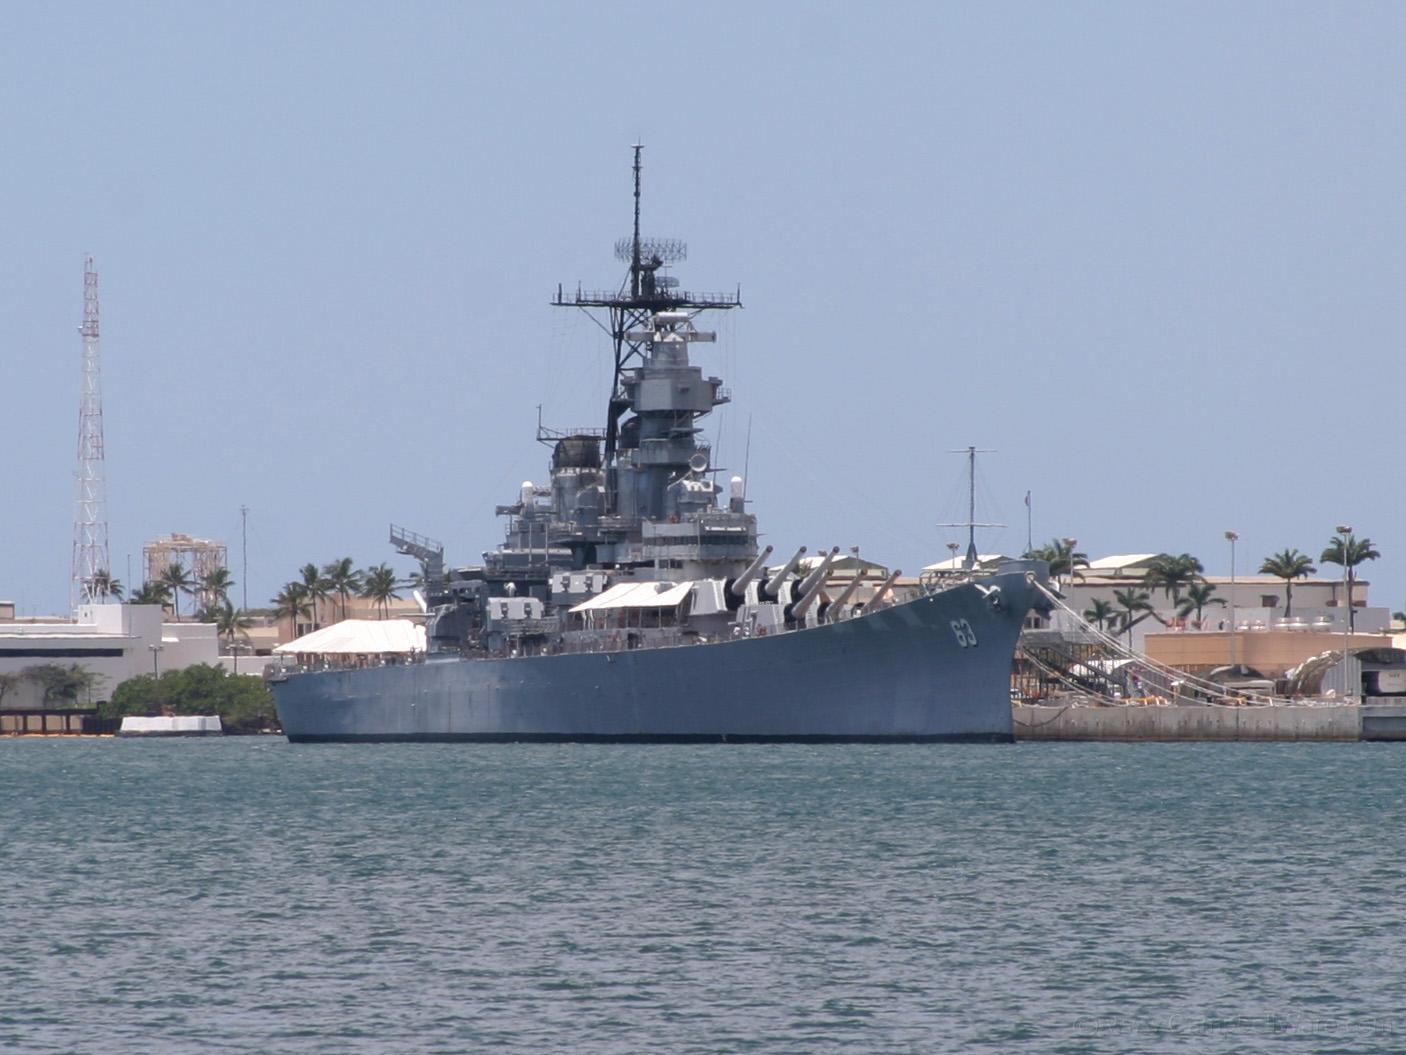 2005 05 0737 The USS Missouri Pearl Harborjpg 1406x1055